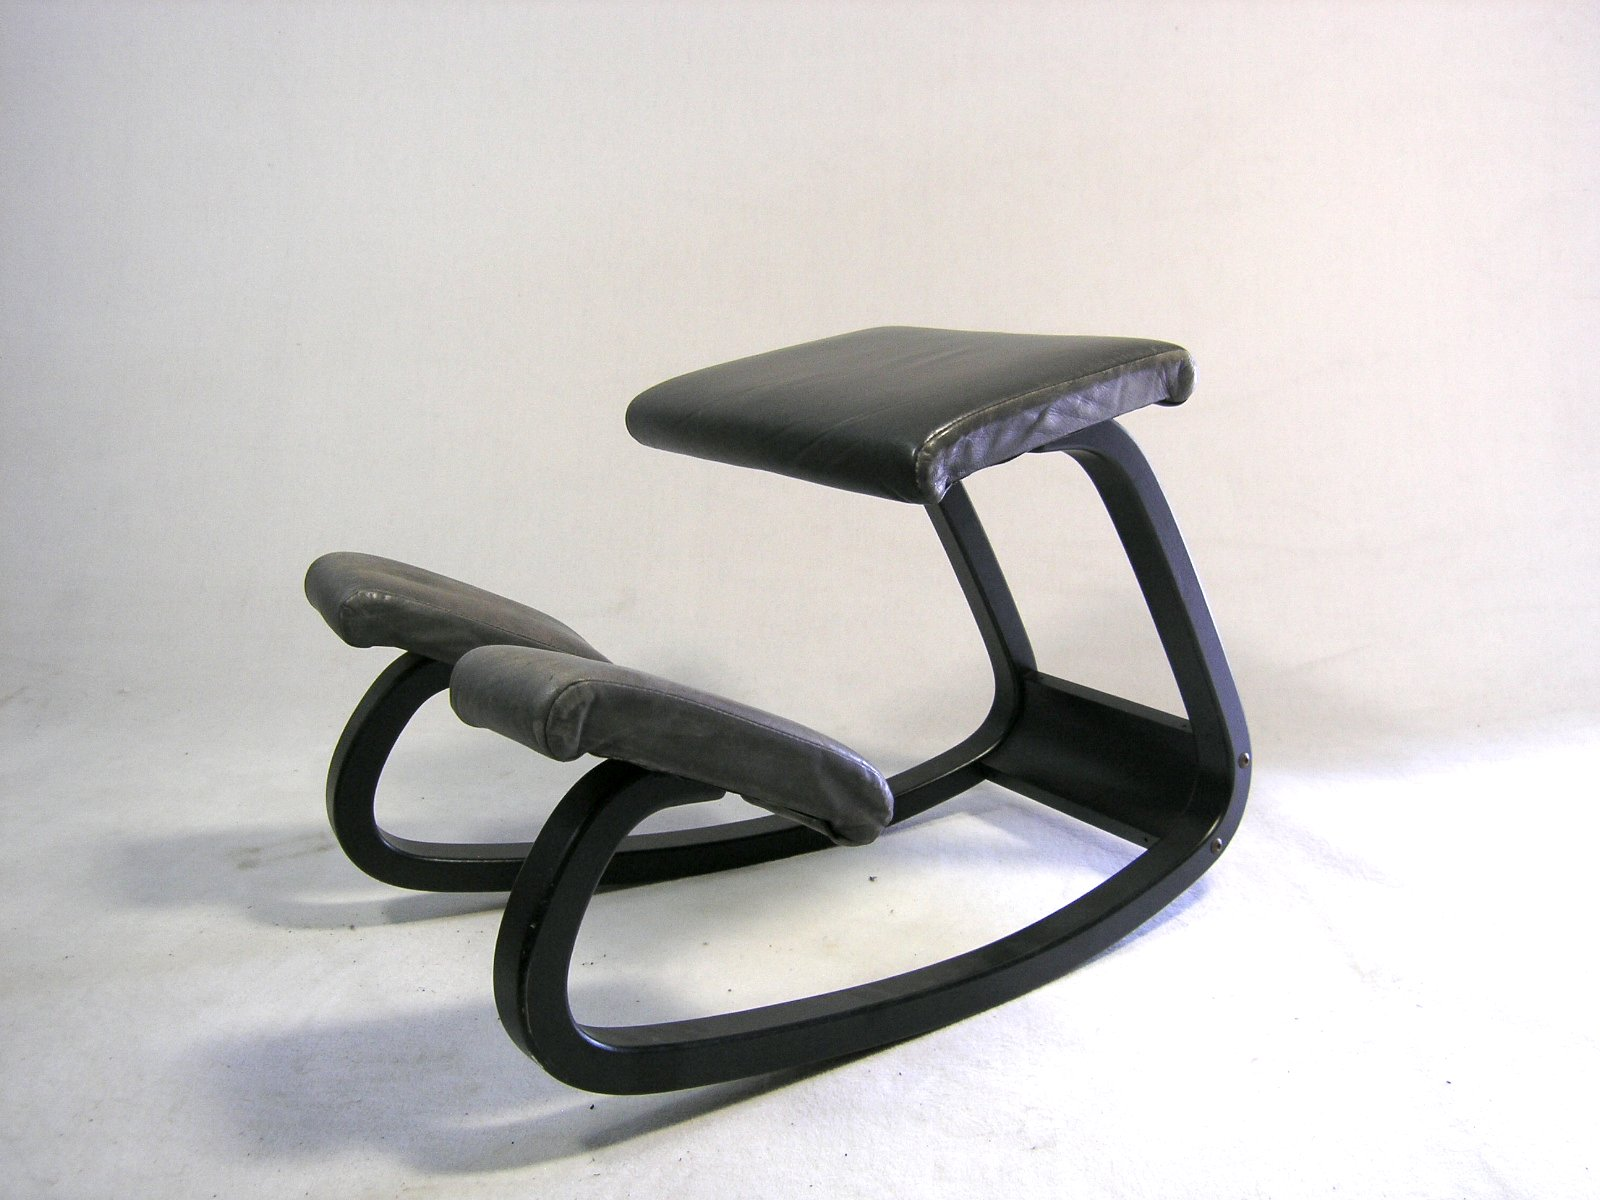 Stokke Balans Stoel : Varier ergonomische stoelen koopt u bij van wijk zitspecialisten